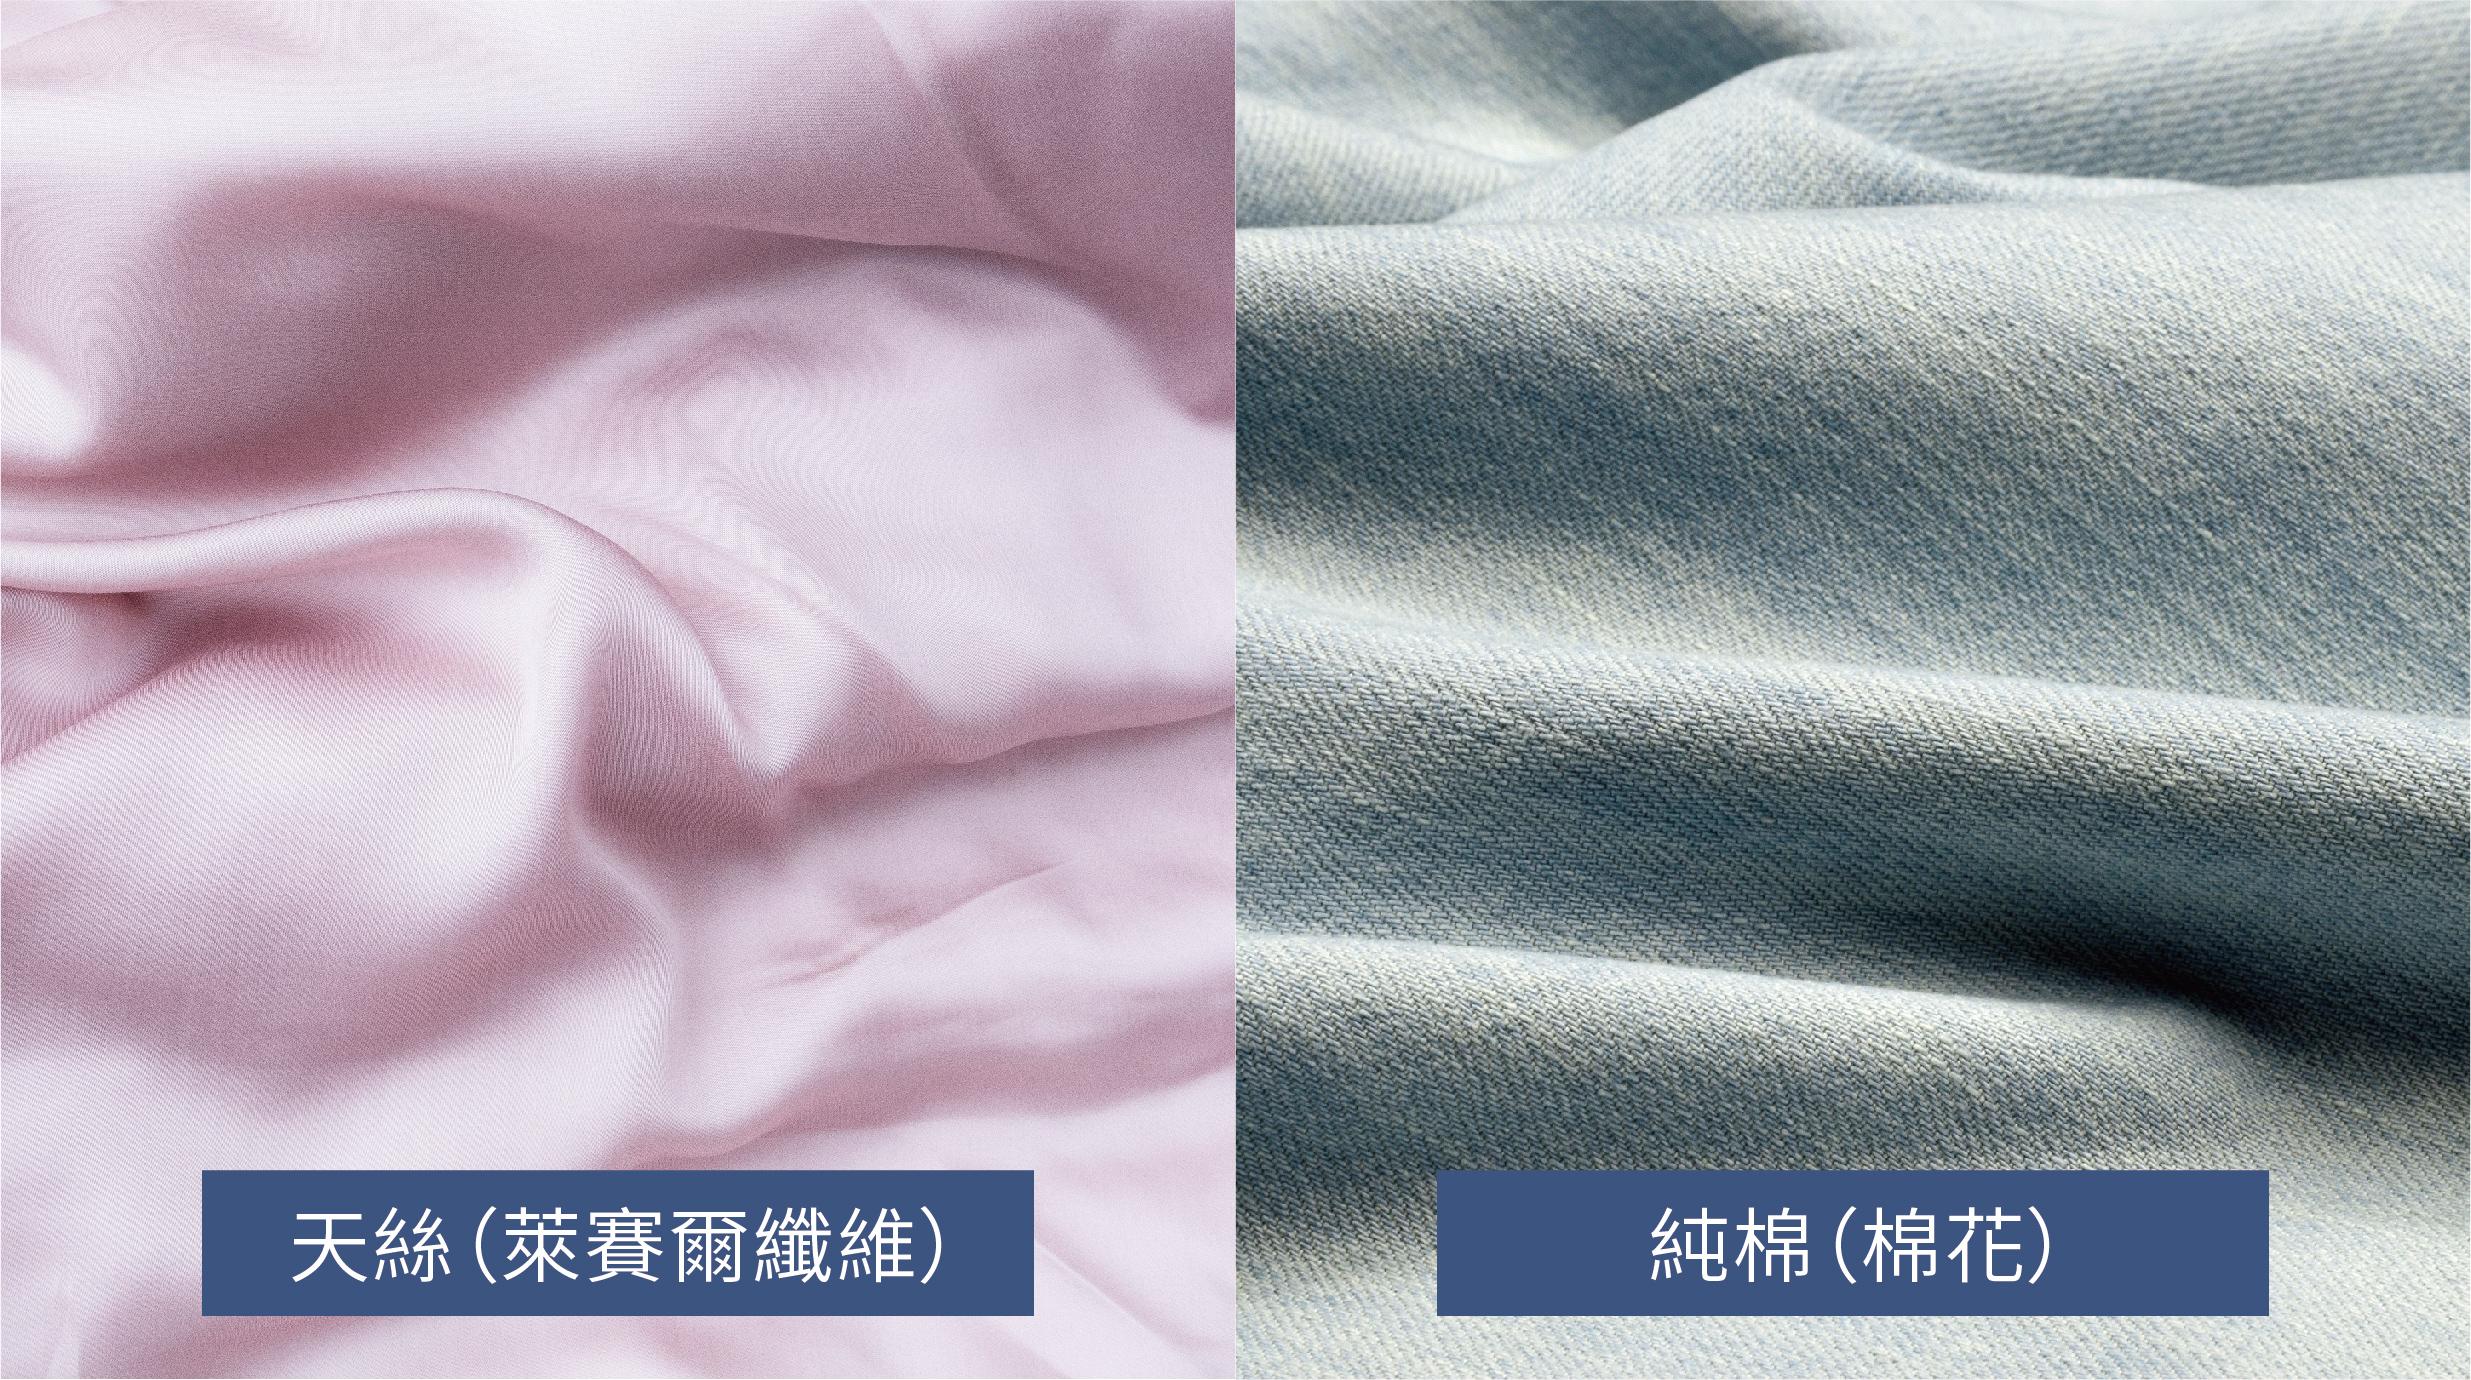 1091030 天絲床包 天絲與純棉床包的差異